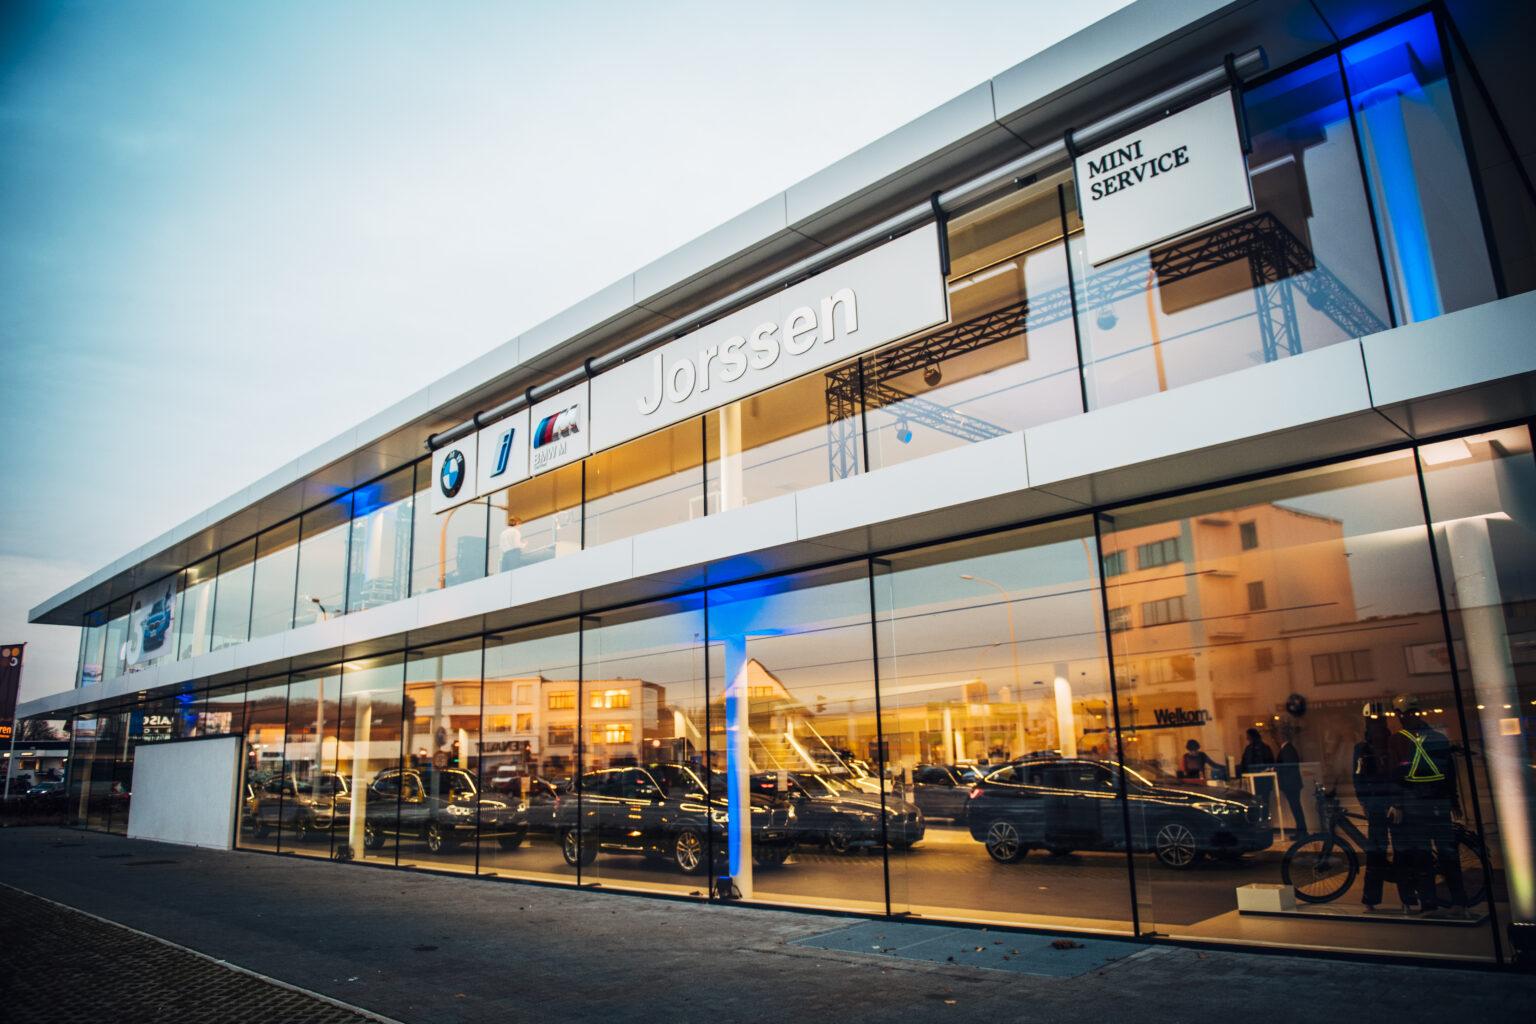 RMDY Refcase BMW_header BMW Jorssen